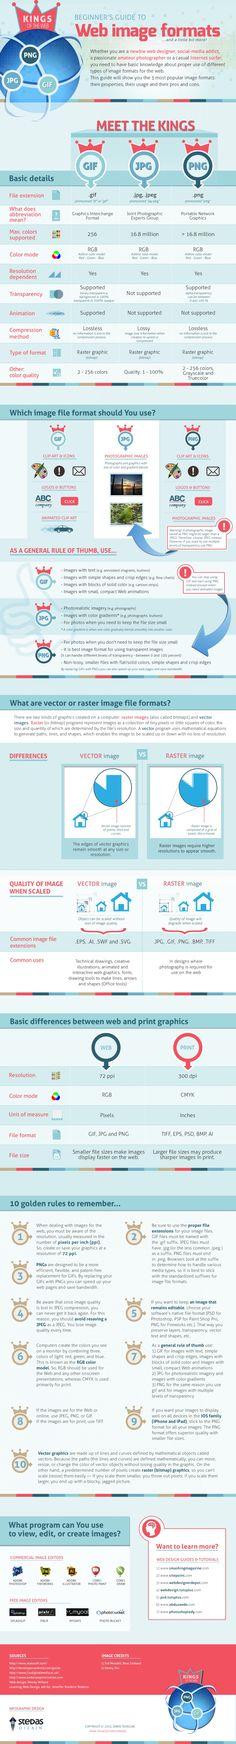 Comprendre les formats d'image du web [infographie] | Info Magazine